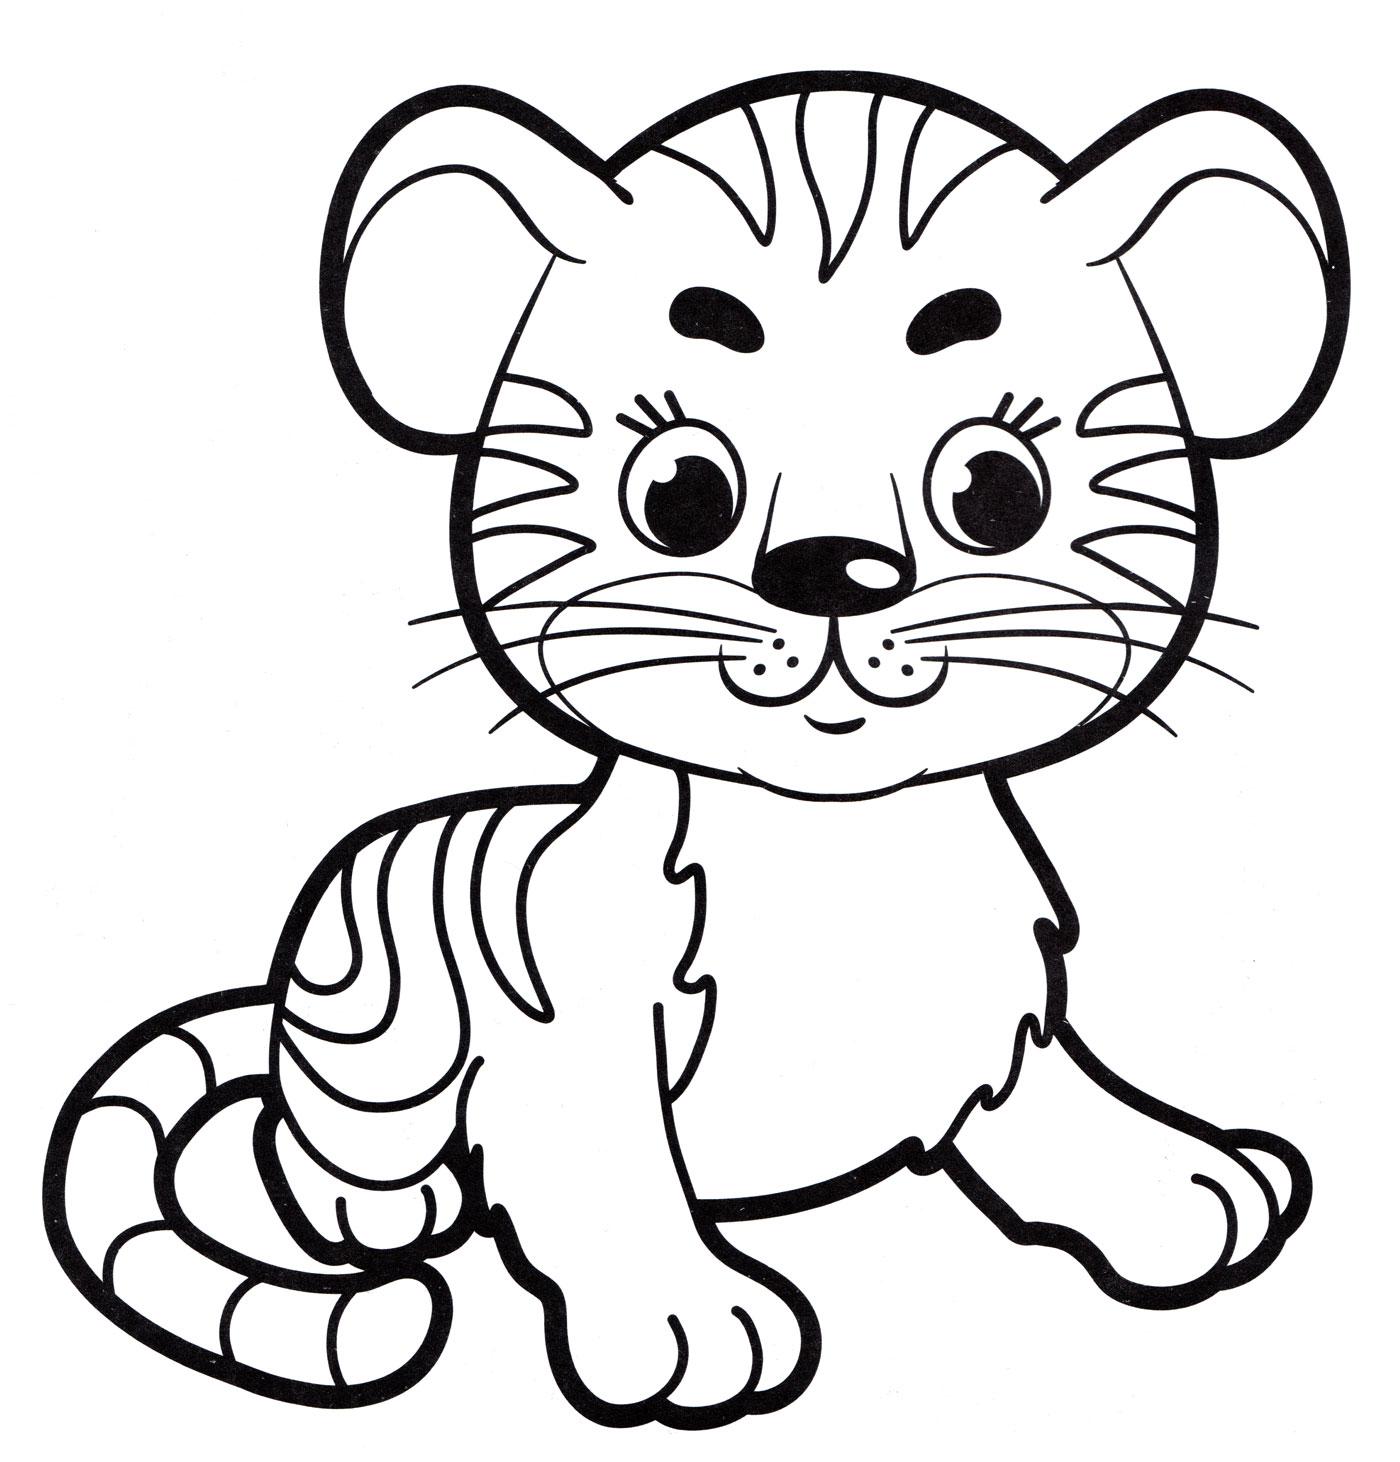 Раскраска Маленький тигр - распечатать бесплатно